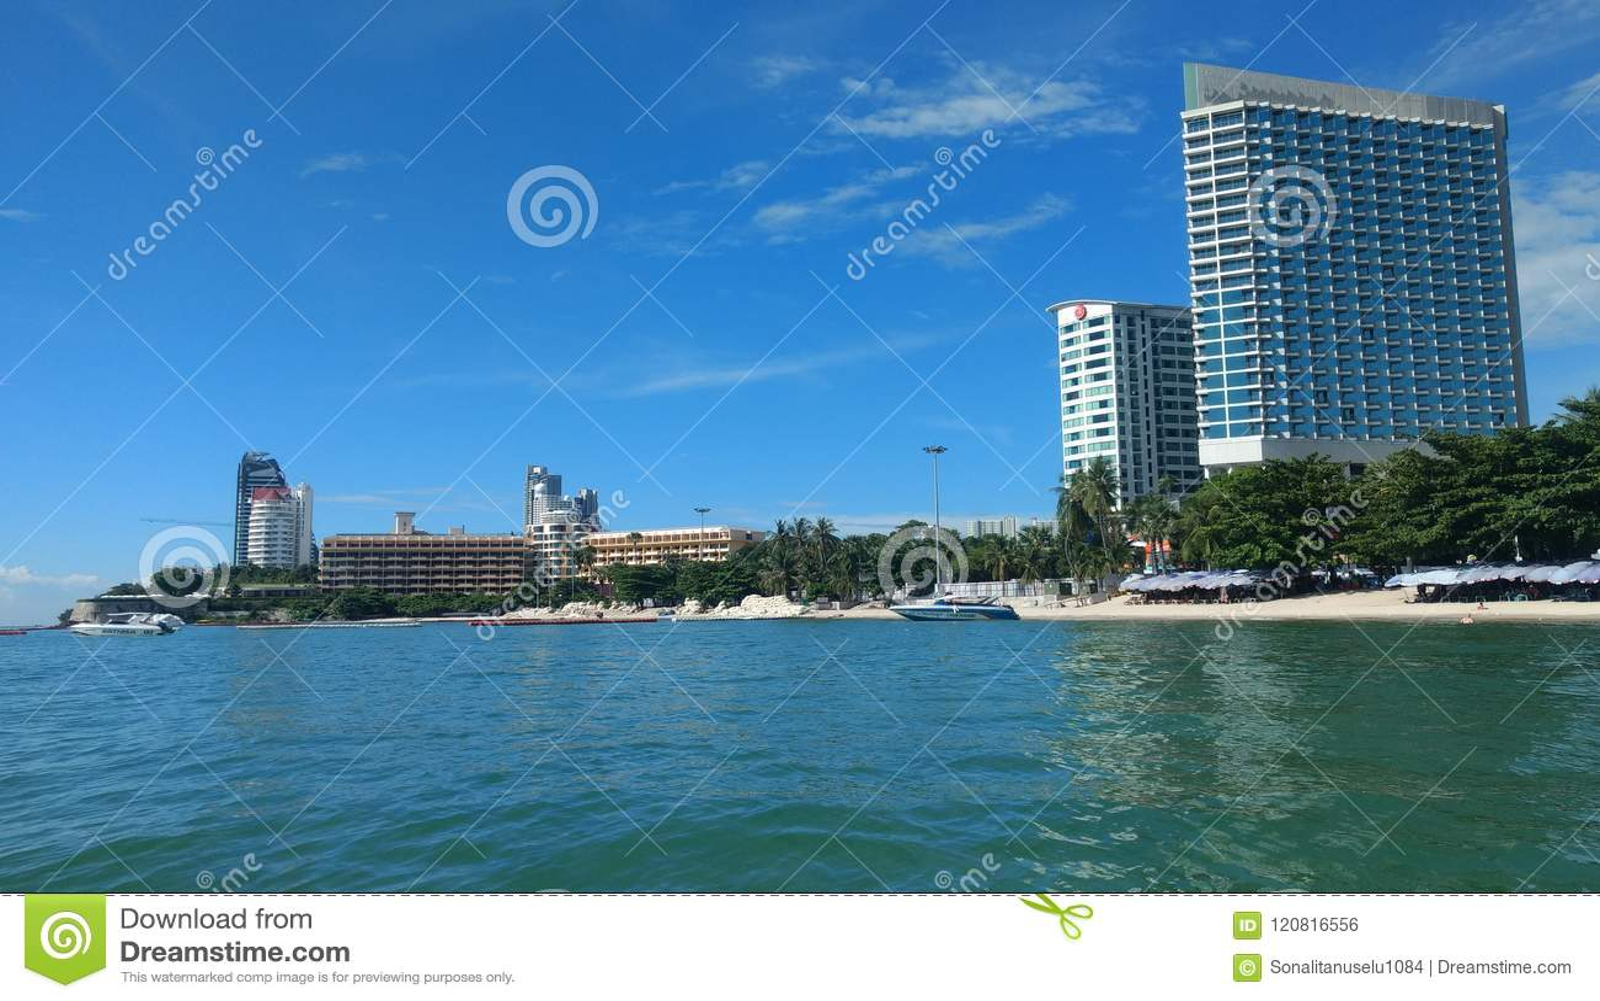 Облака на голубом небе с высокими зданиями небоскребов и обоями предпосылки океана,